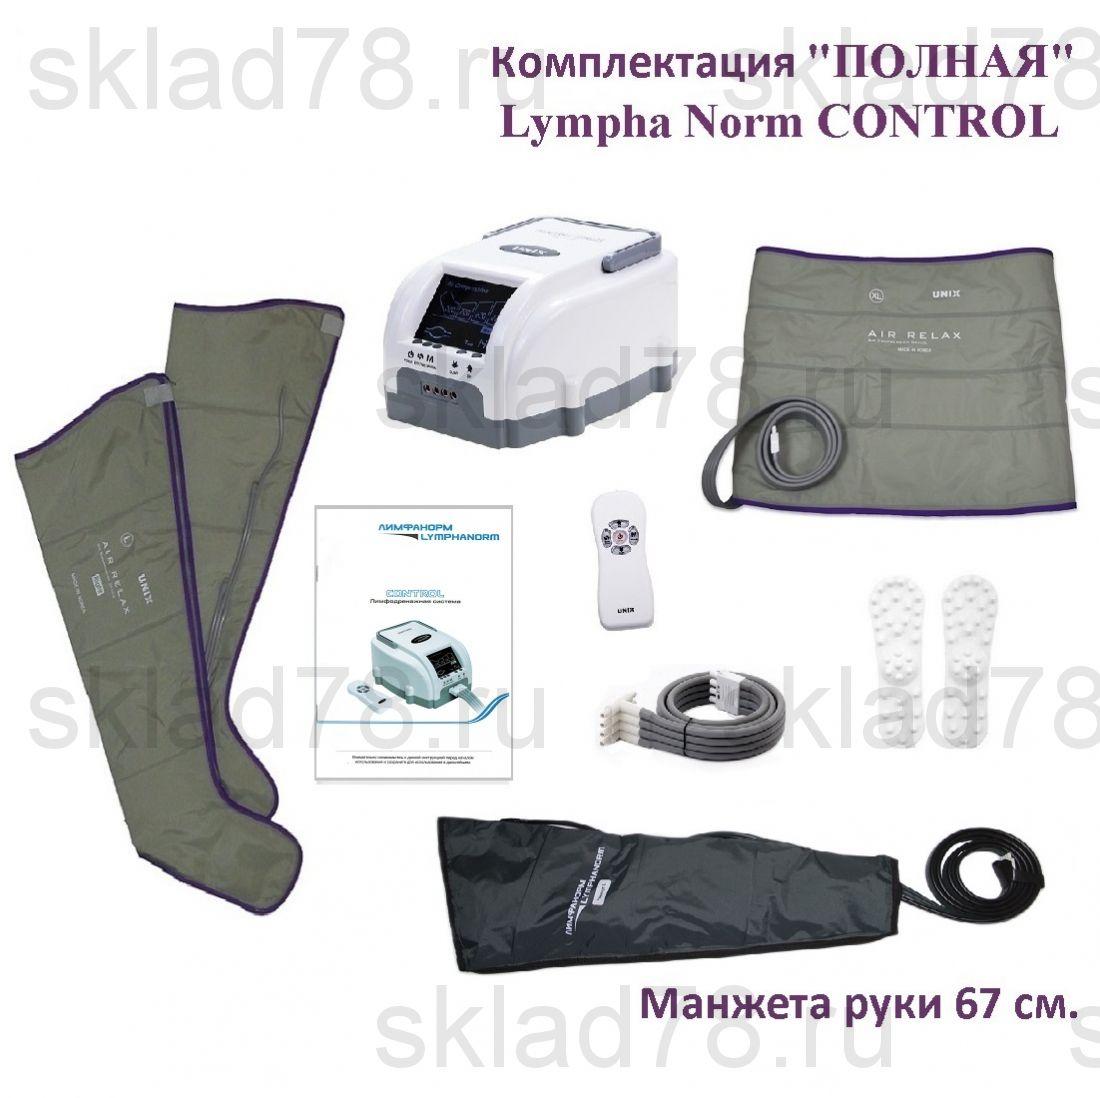 """LymphaNorm CONTROL Лимфодренаж """"Полная"""" (рука 67 см.)"""